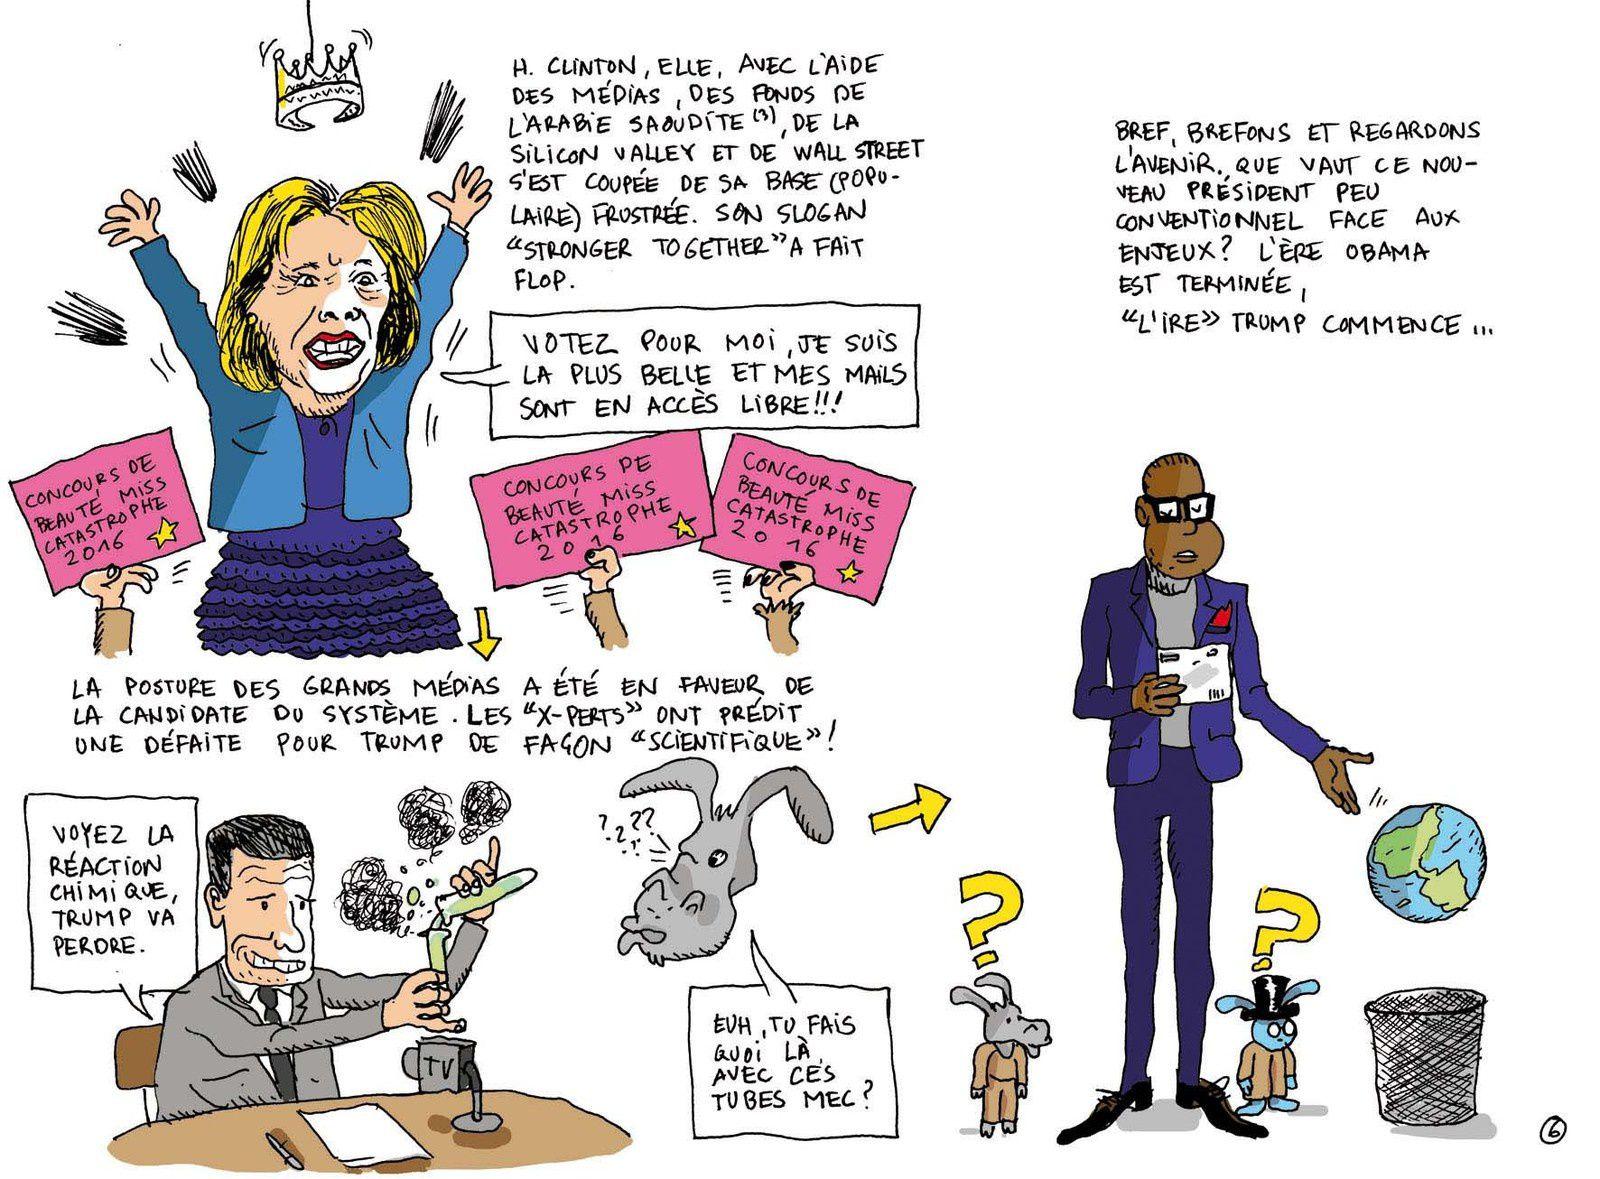 &quot&#x3B;L'ire&quot&#x3B; Trump après, l'ère Obama... La chronique de Simon Soul